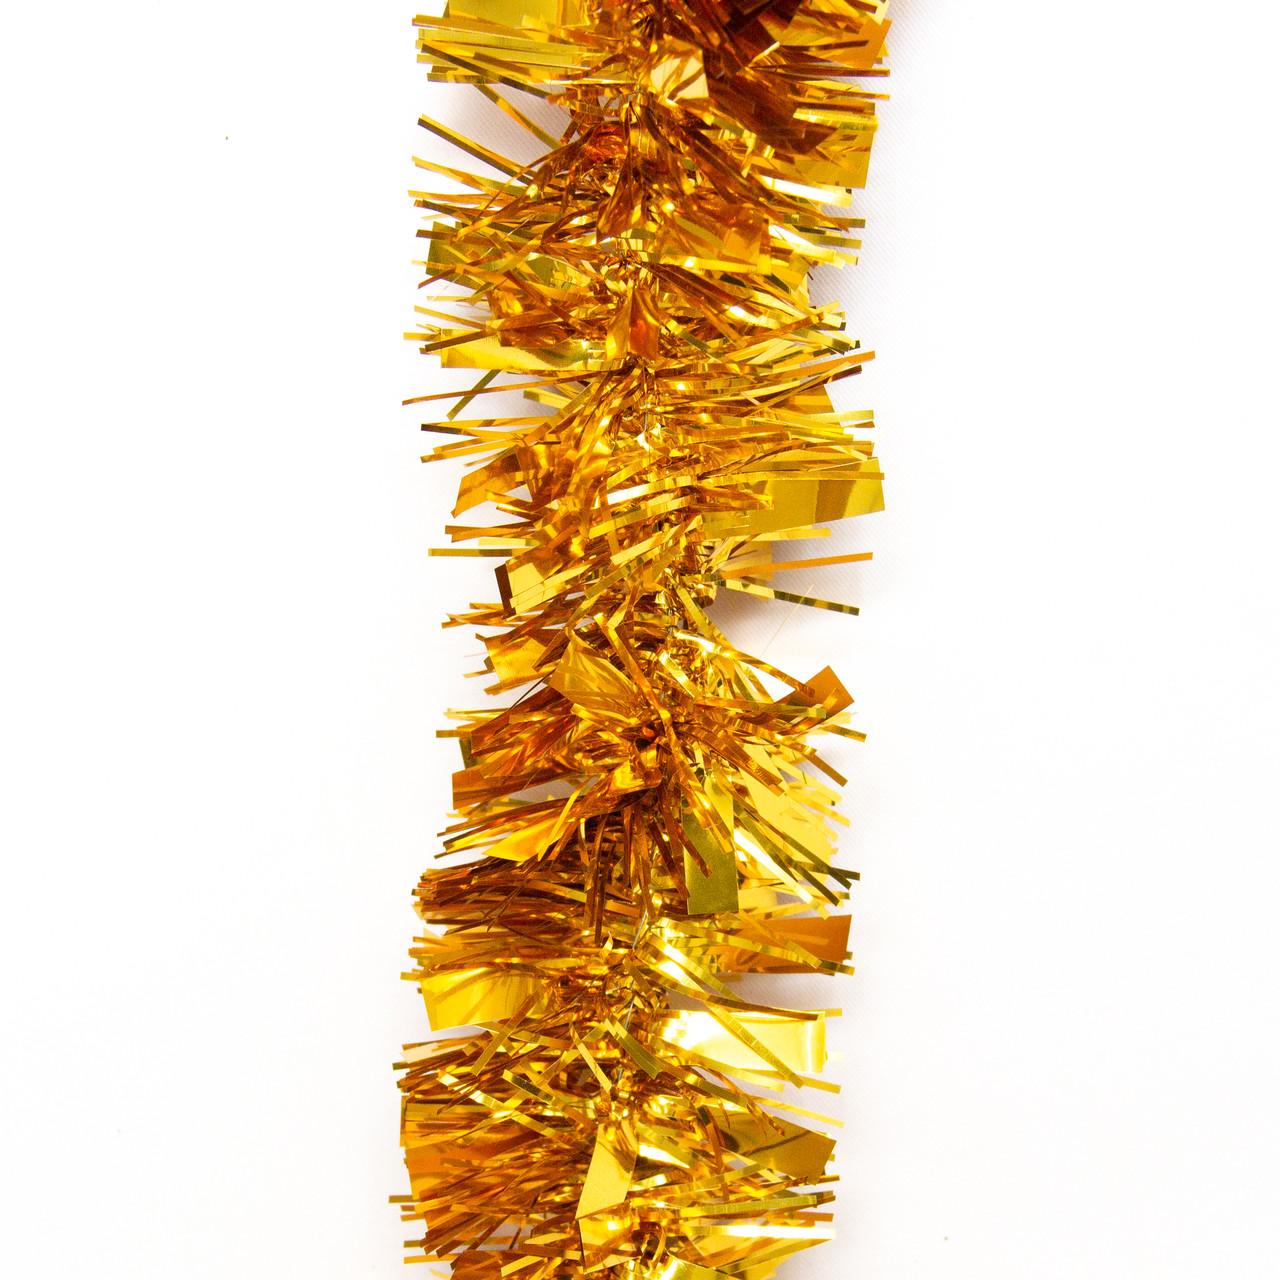 Новогоднее украшение - мишура, 200*5 см, ПВХ, золотистый (ГН-50/2-2)